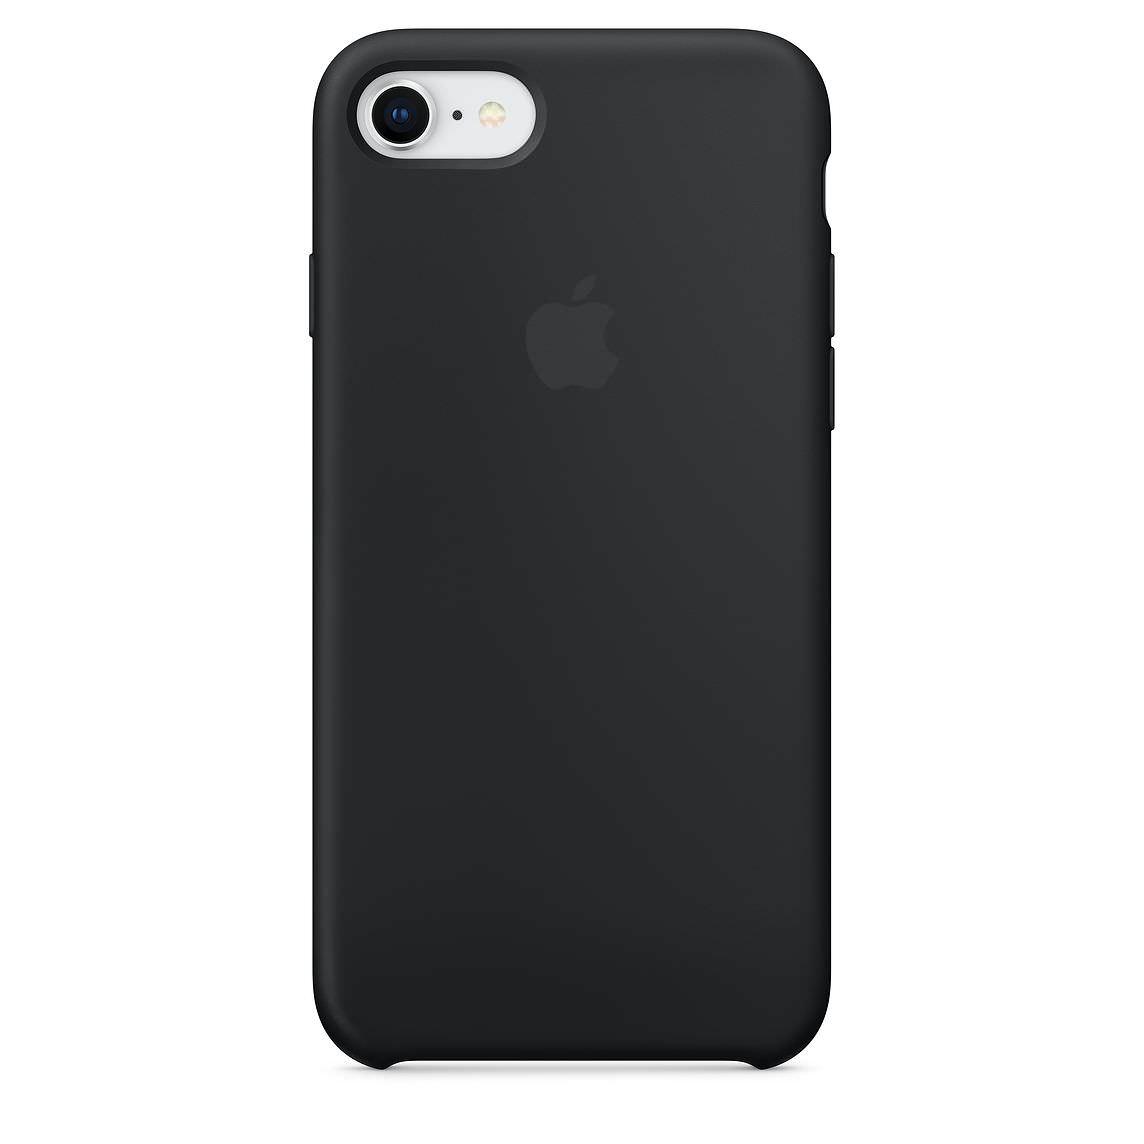 Apple silikónový obal pre iPhone 7 / 8 - čierny 1